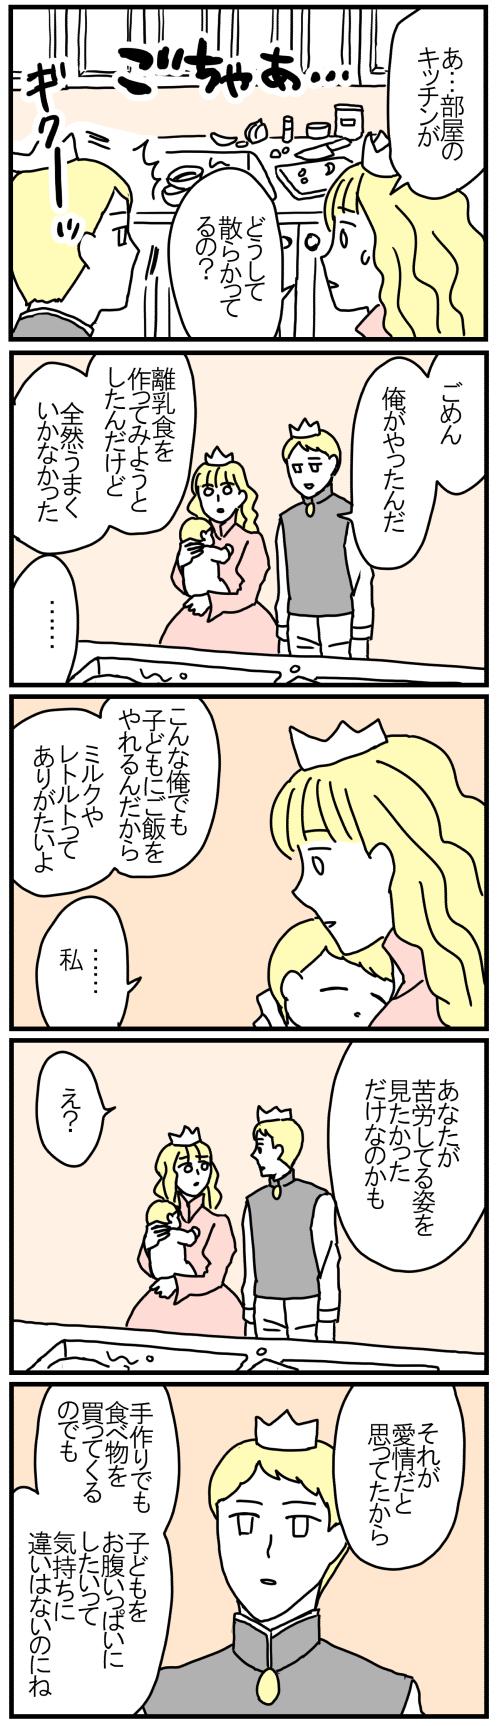 王子が気づかせてくれたこと / ママはねむり姫 第6話の画像1